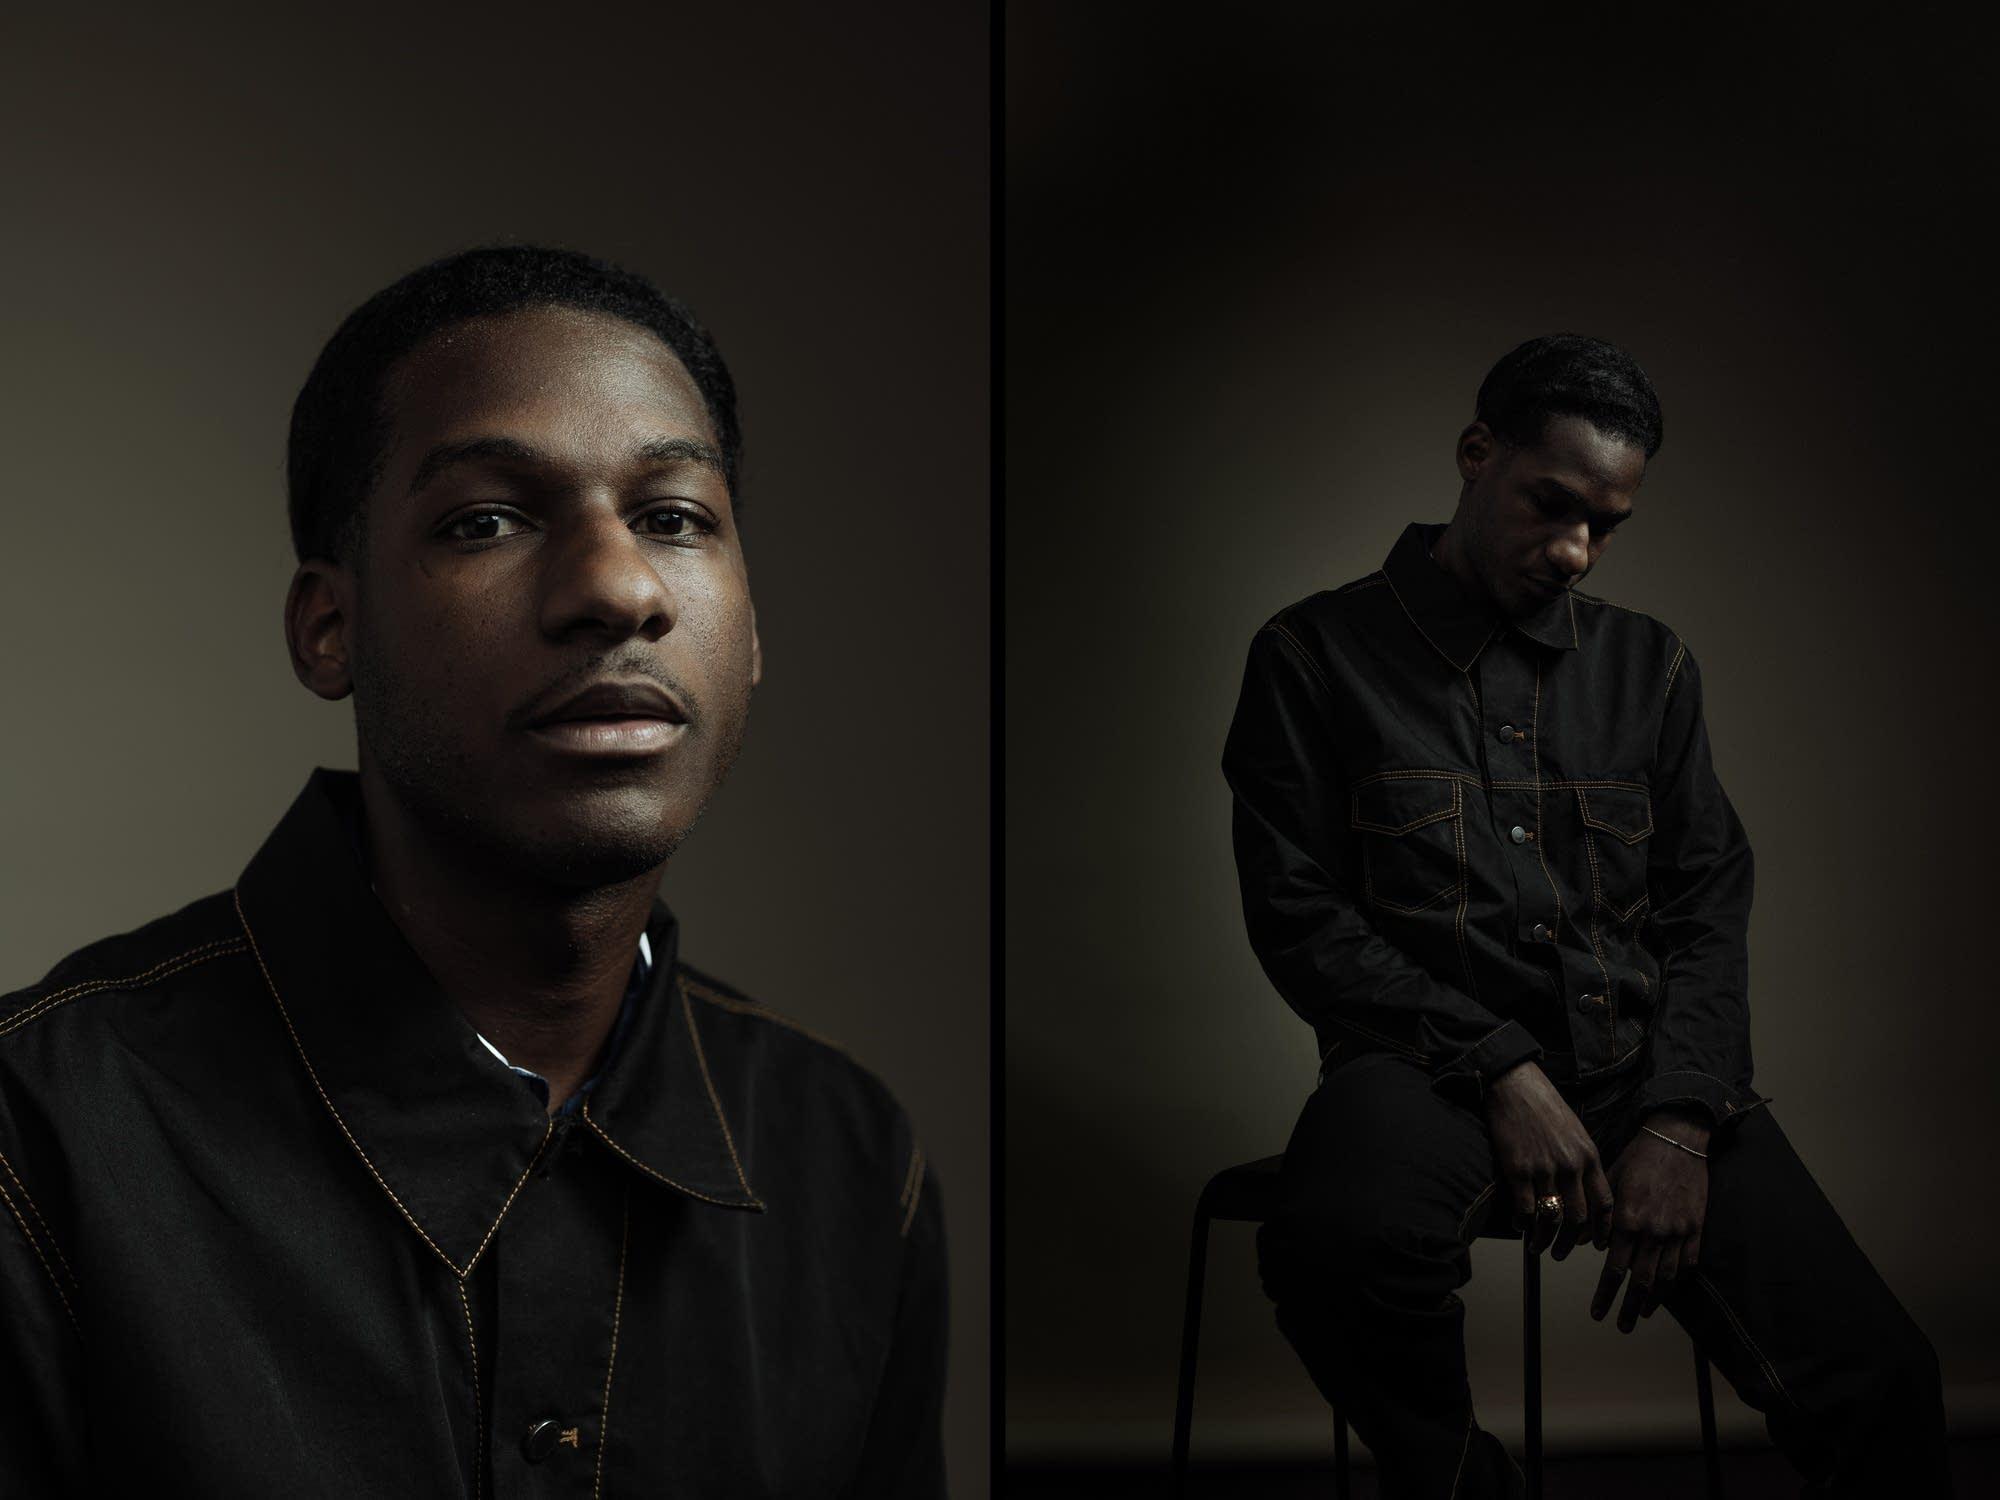 Leon Bridges: portrait diptych